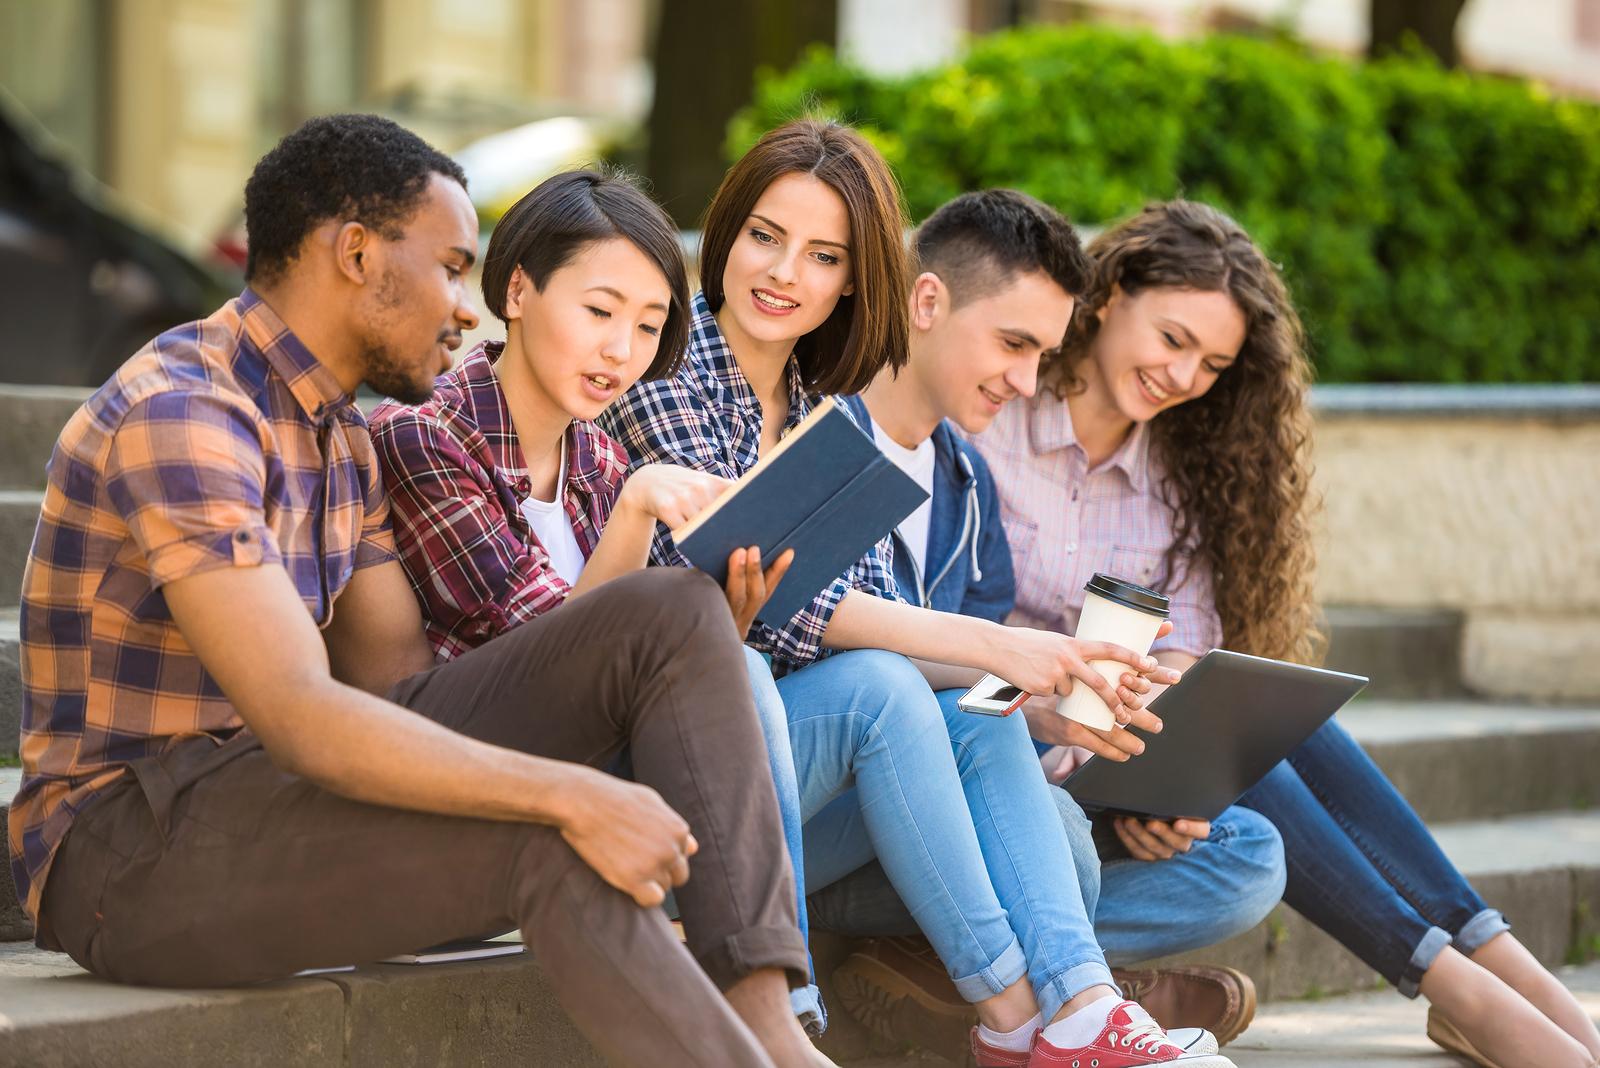 Sejour-linguistique-ado.com : apprendre ensemble